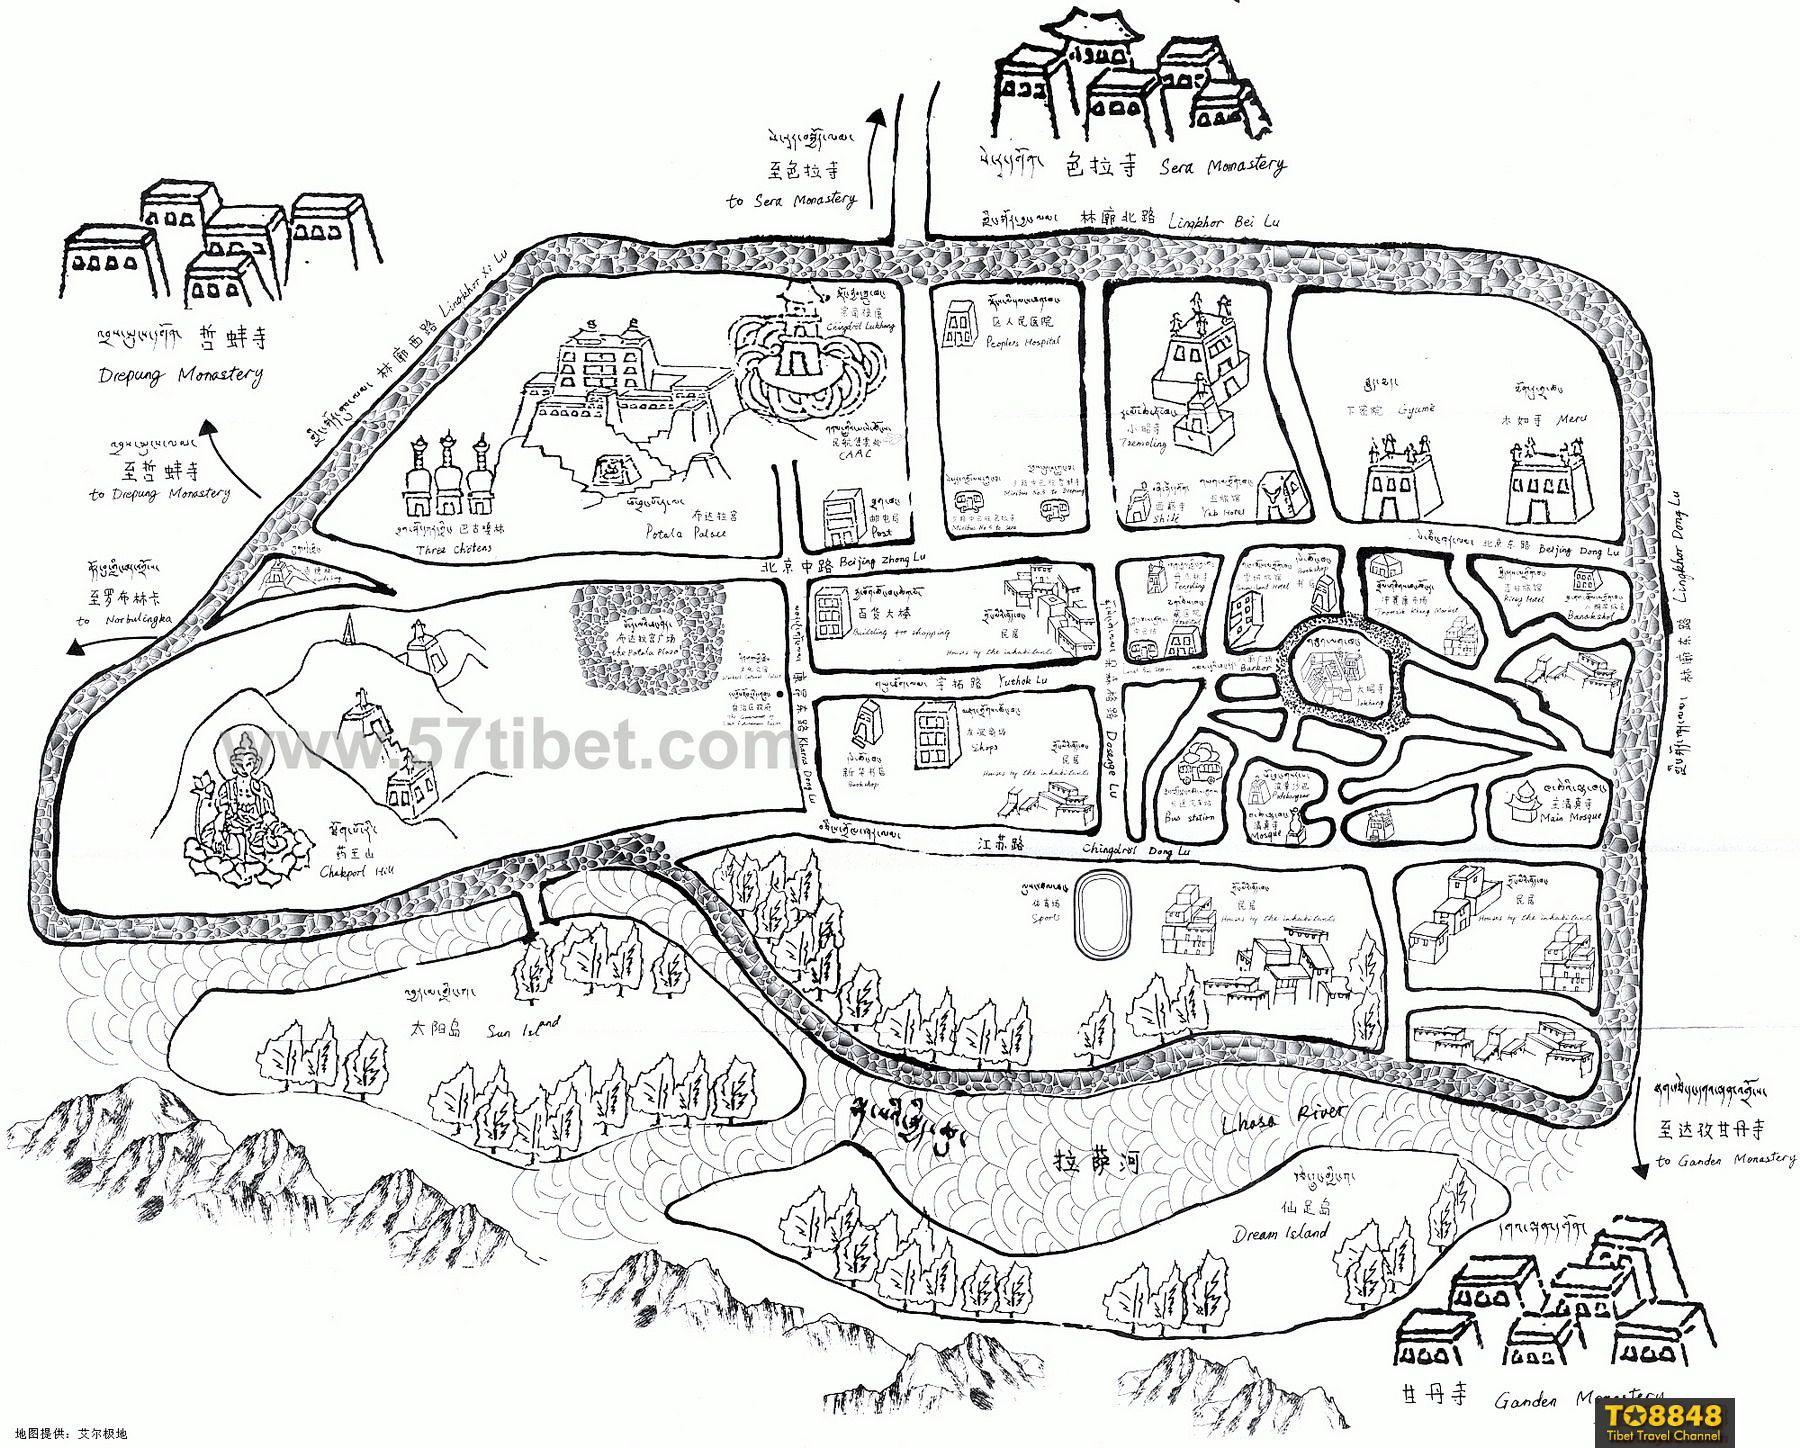 地图:西藏拉萨市手绘地图